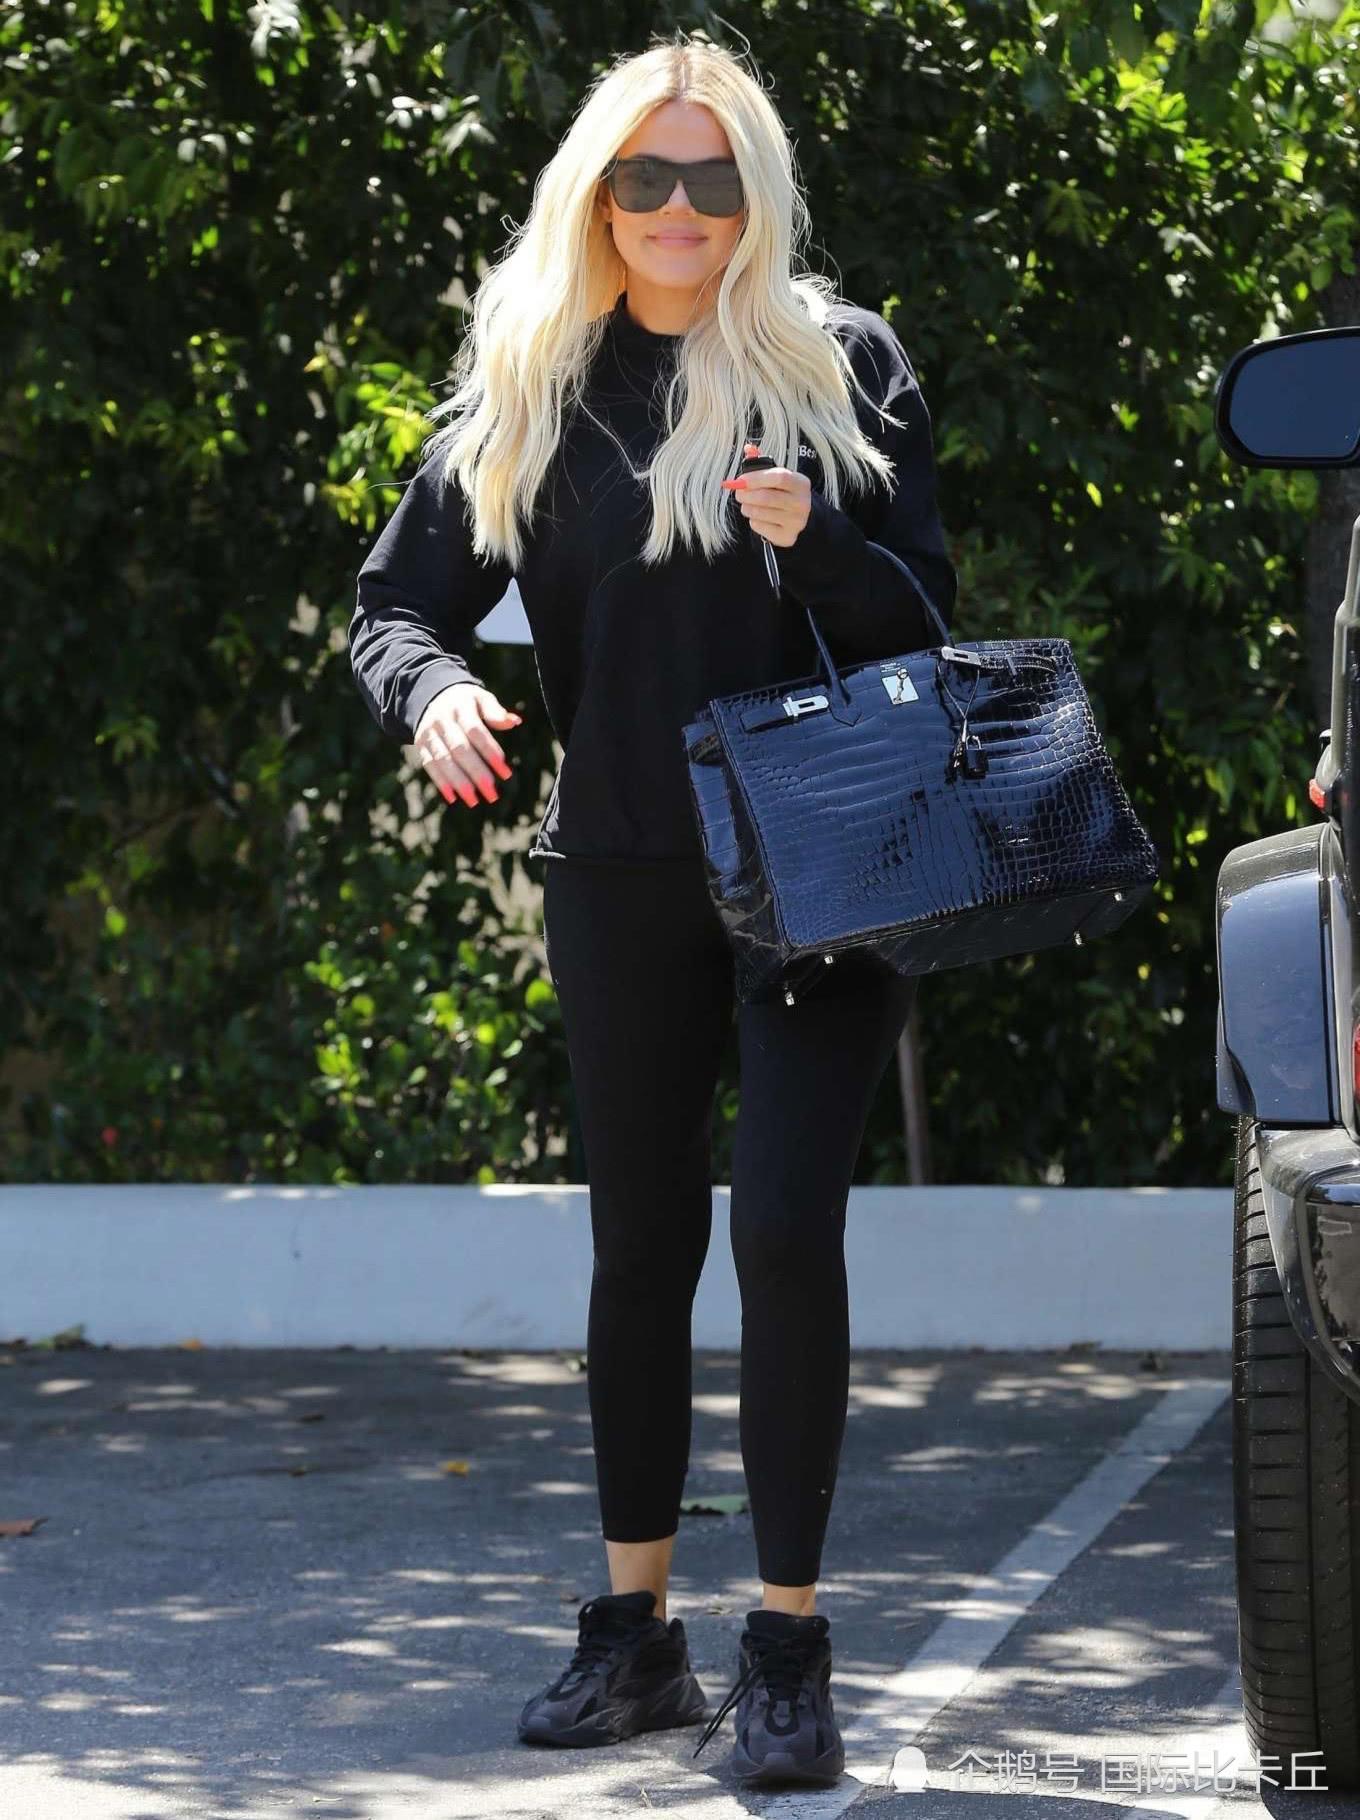 金·卡戴珊的妹妹穿运动装出街,网友:难得看到她这么有亲和力!